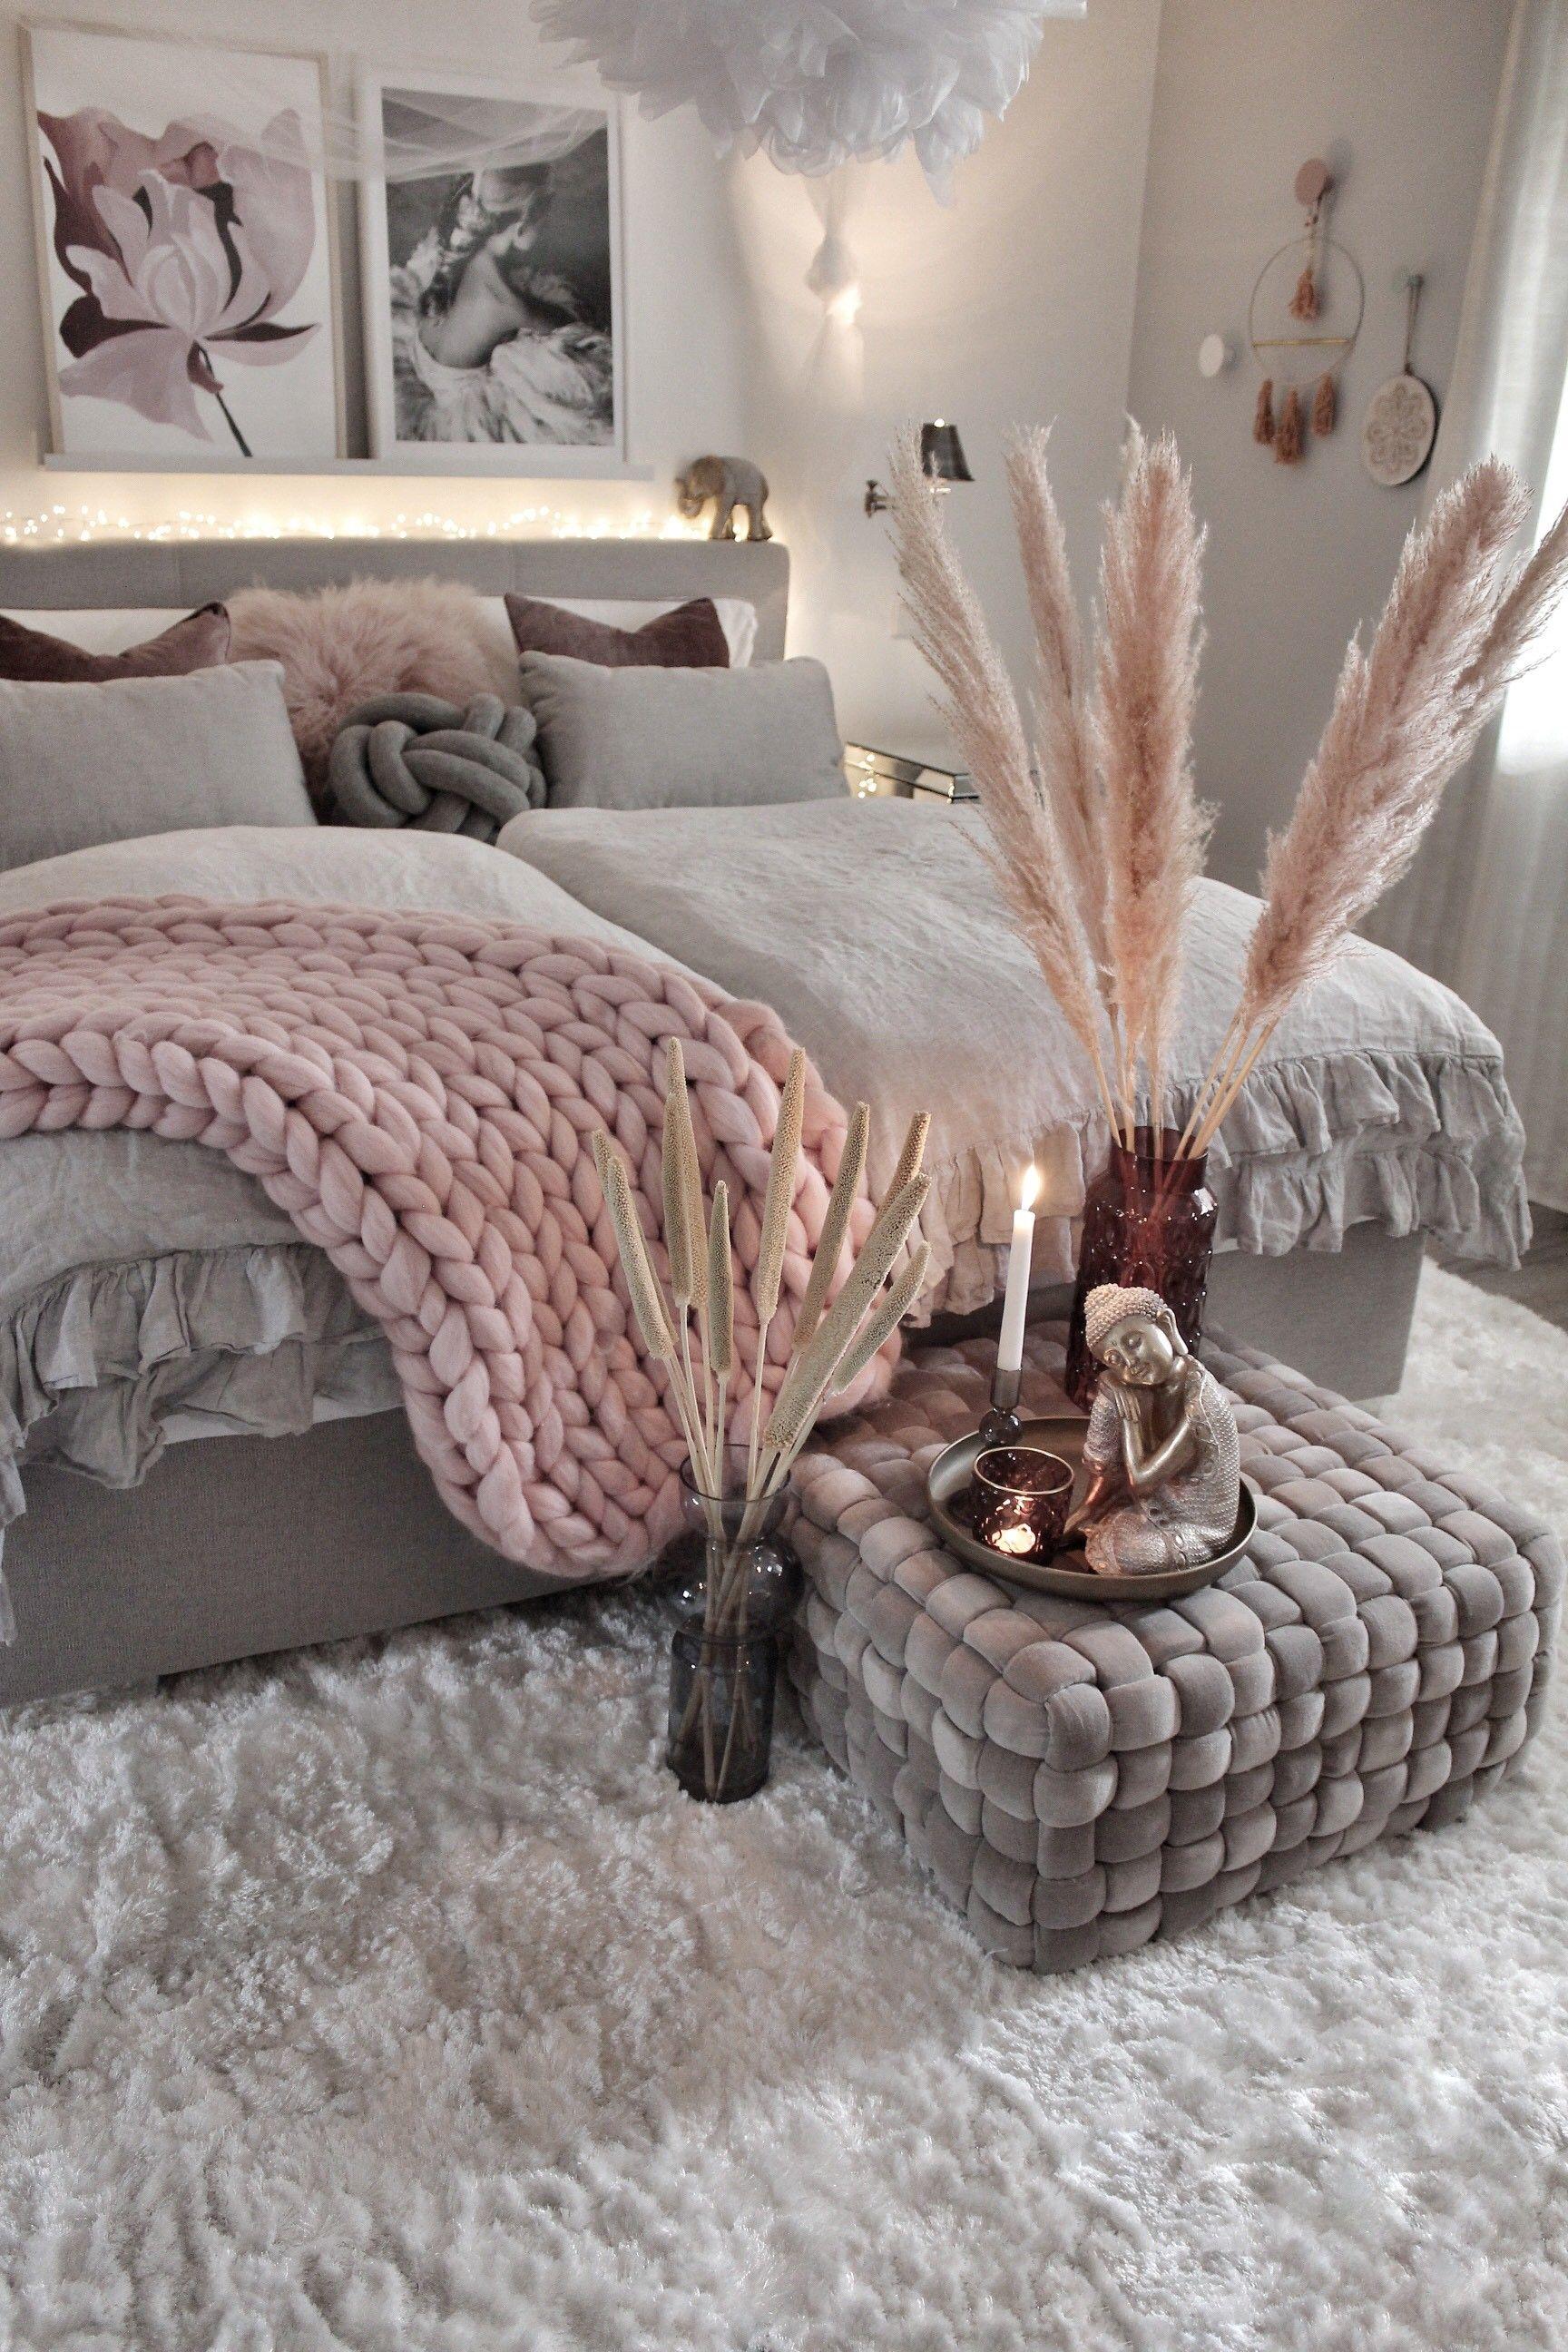 Ein Boho Traum Wird Wahr Gozdee81 Verwandelt Das Schlafzimmer In Einen Boho Madchen Traum Boho Bohostyle Schlafzimmer Dekorieren Zimmer Zimmer Gestalten